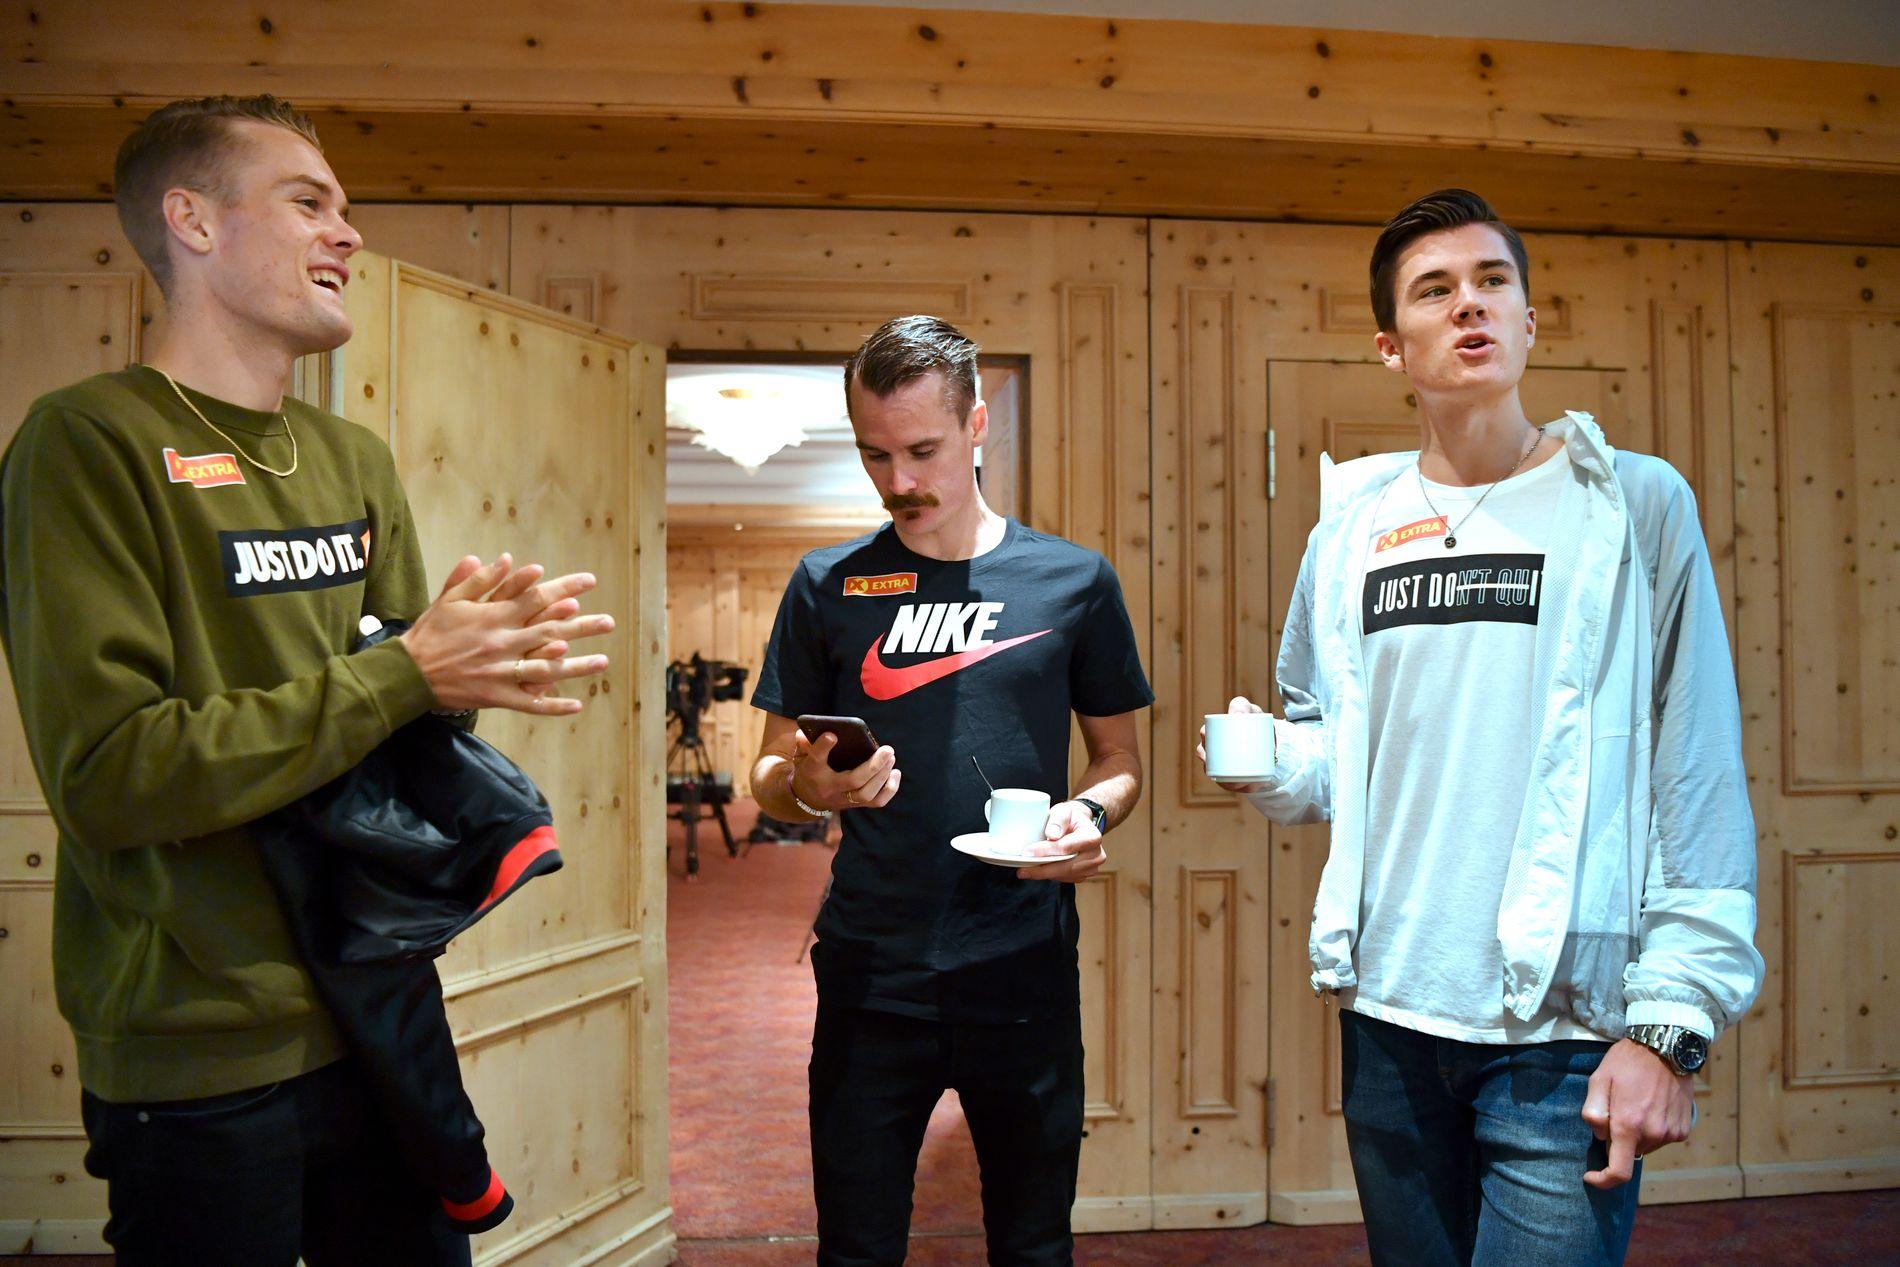 I BAKGRUNNEN: Henrik Ingebrigtsen har måttet overlate rampelyset til sine yngre brødre Filip og Jakob. Bildet er fra Team Ingebrigtsens pressetreff i St. Moritz forrige tirsdag.